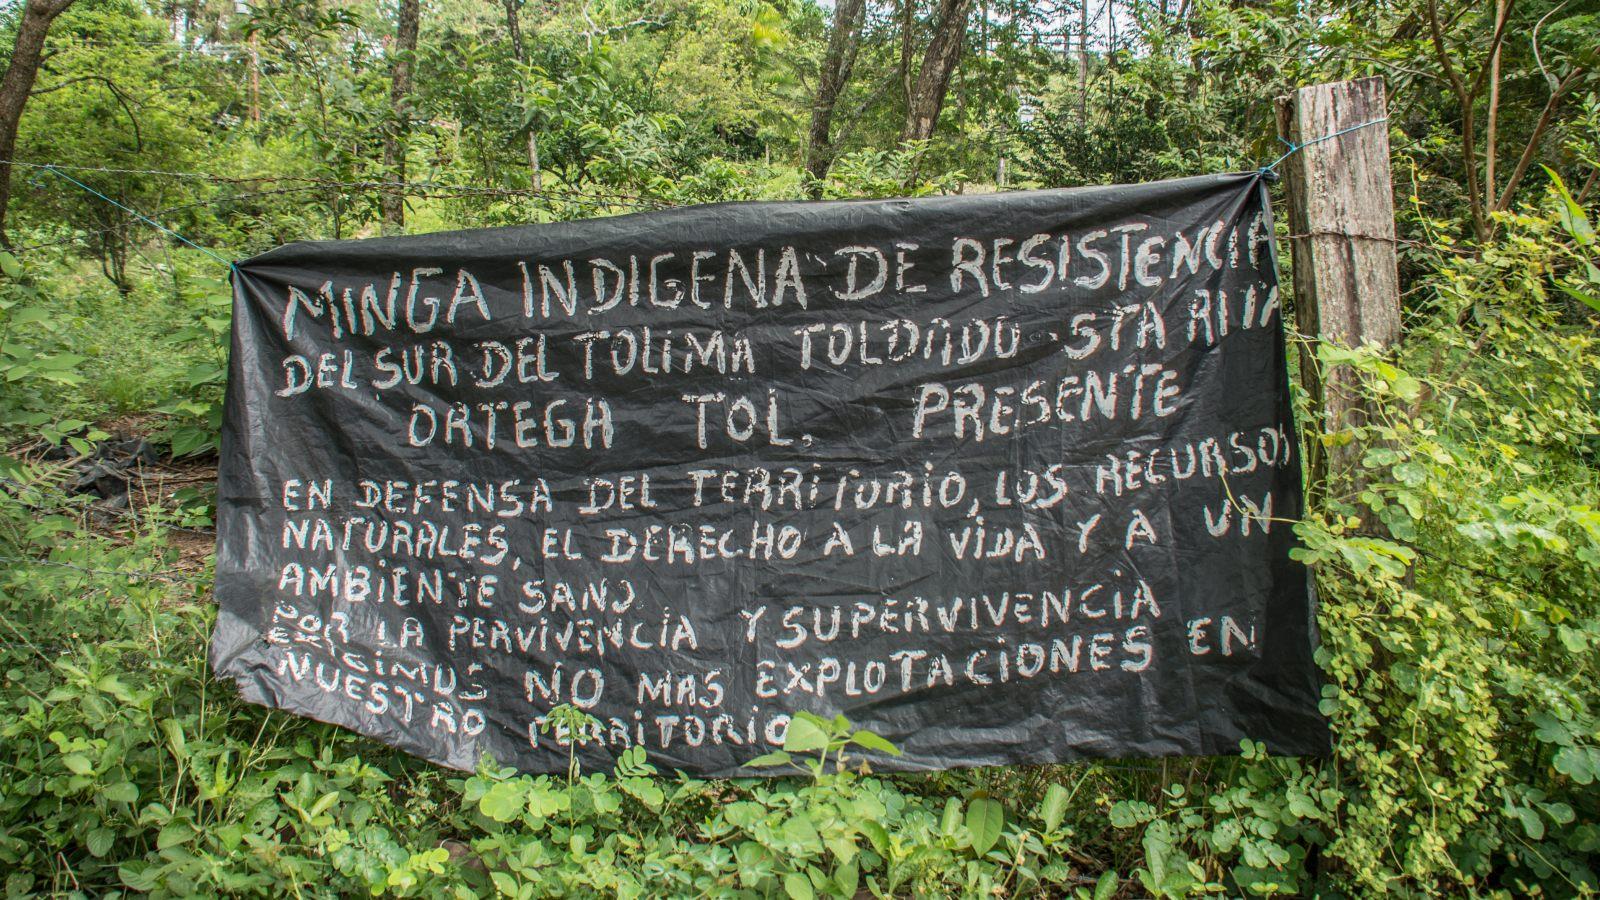 ¿Qué está pasando con la seguridad en el sur del Tolima?